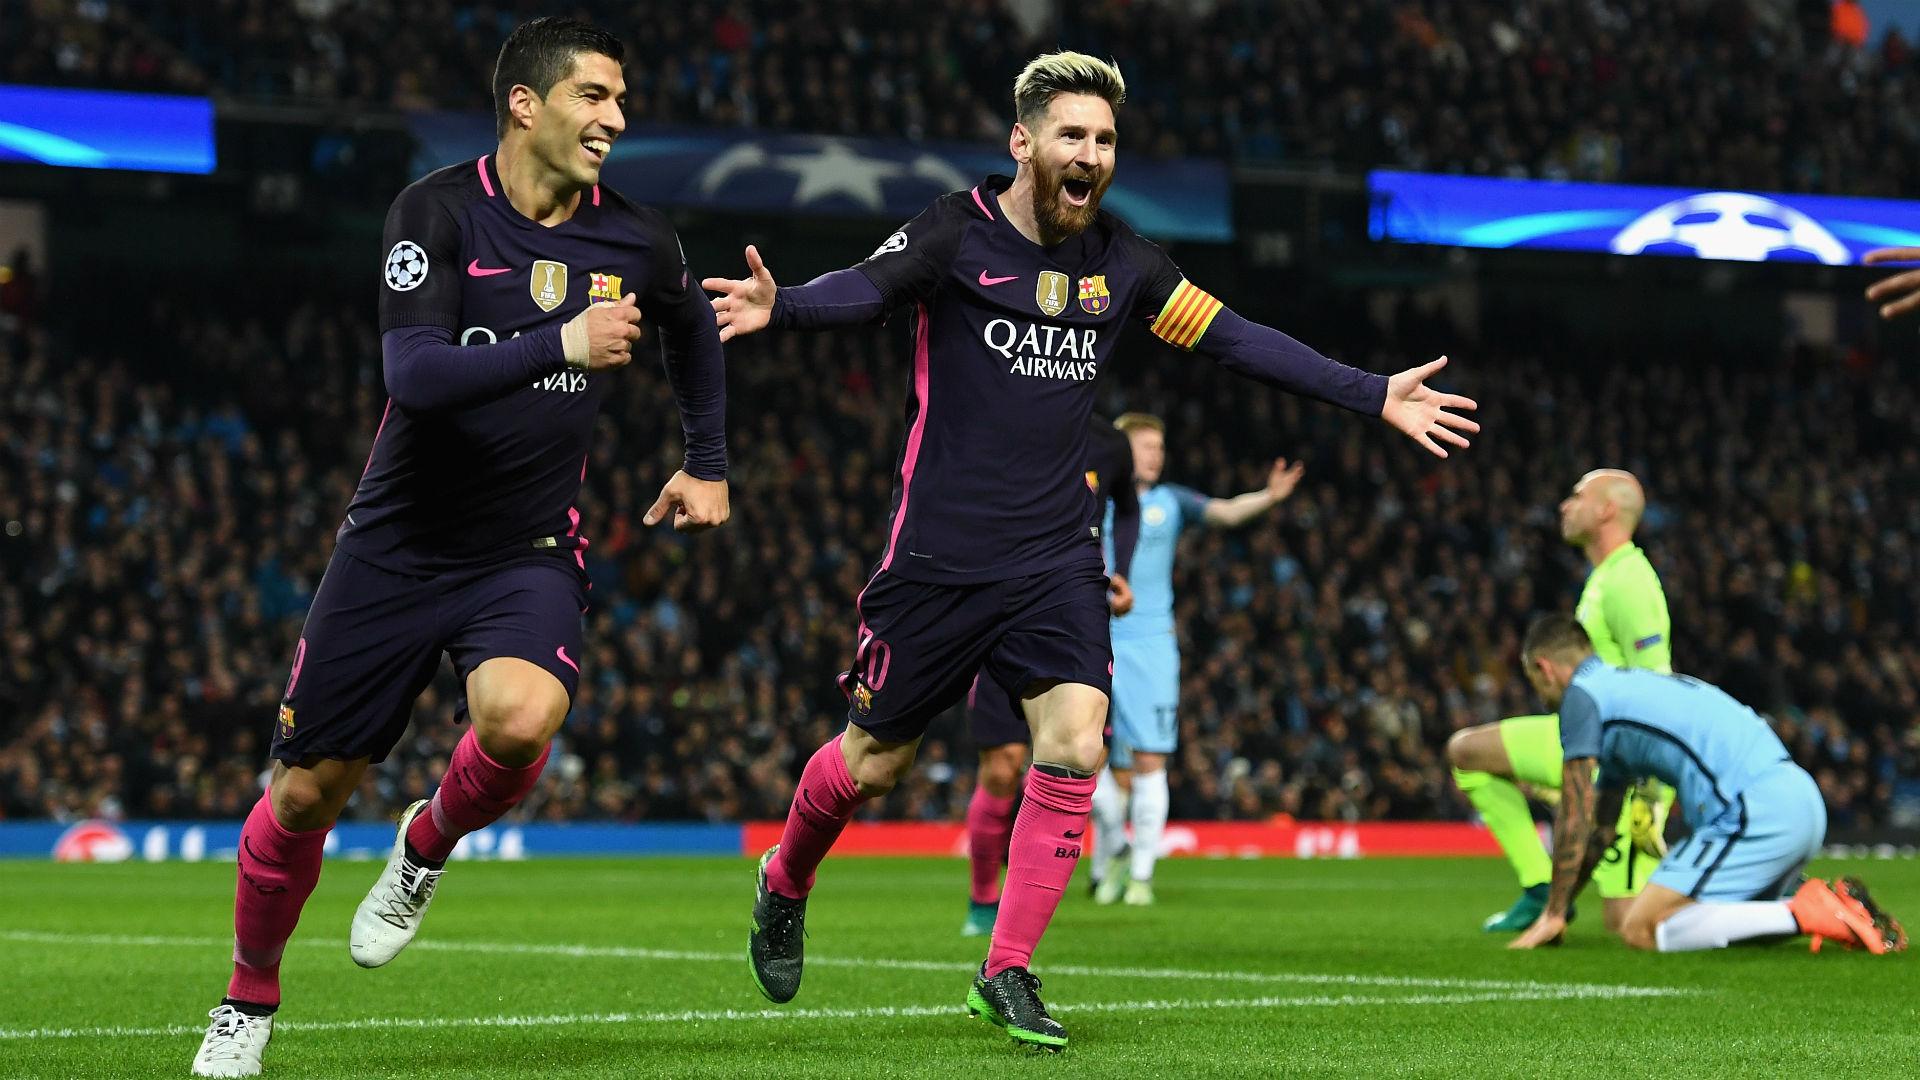 Manchester City 3 1 Barcelona Gundogan Double Sinks Barca